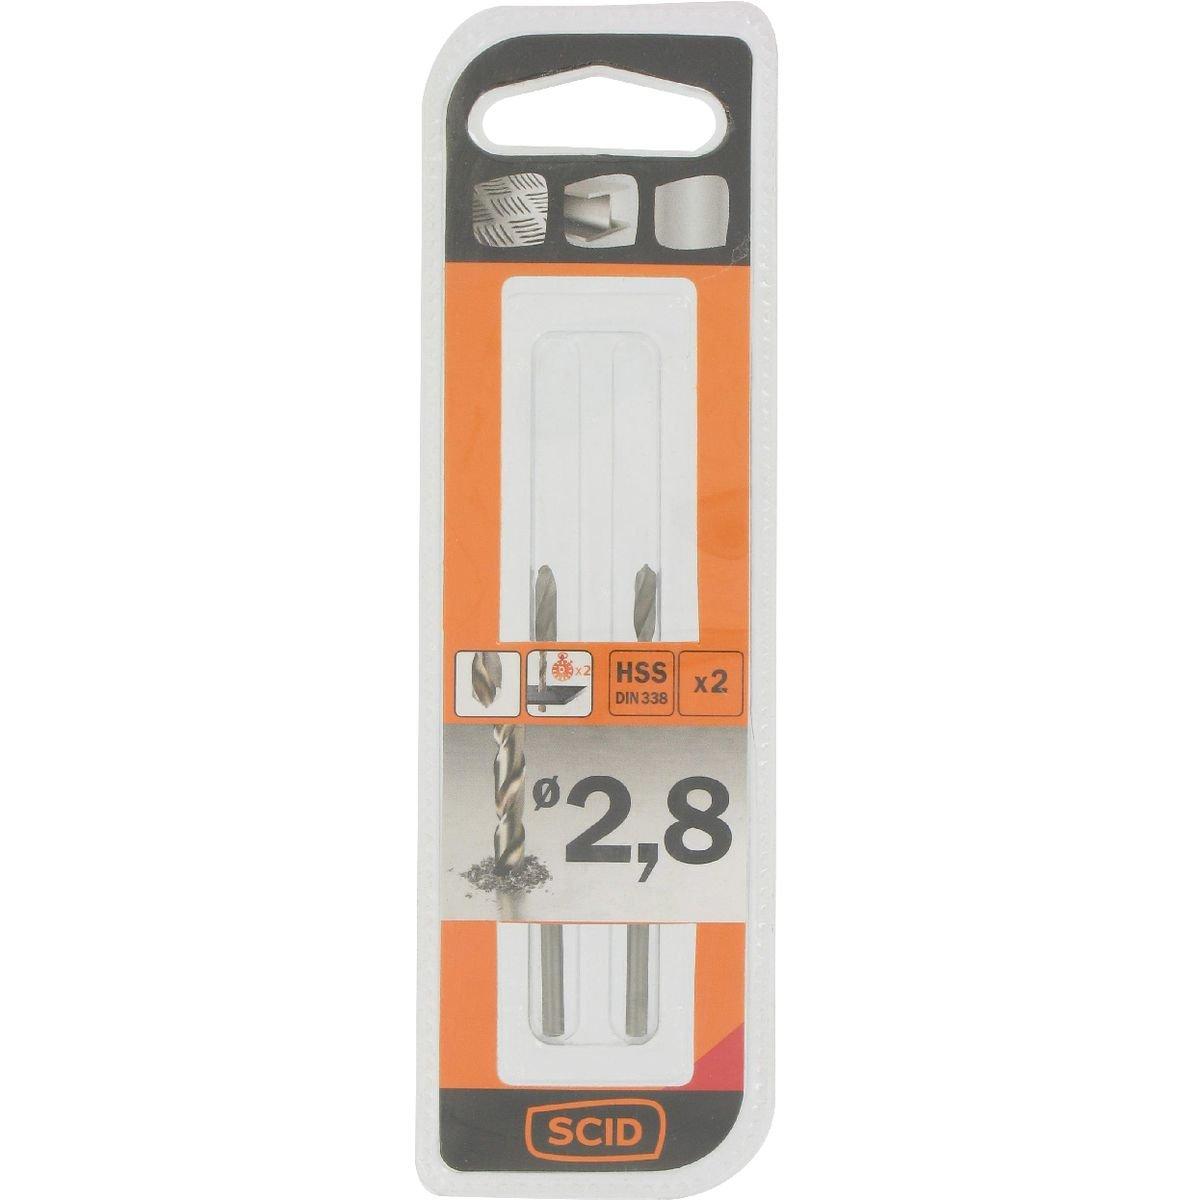 Longueur 50 mm Vendu par 2 Foret m/étal HSS din 338 SCID Diam/ètre 2,8 mm